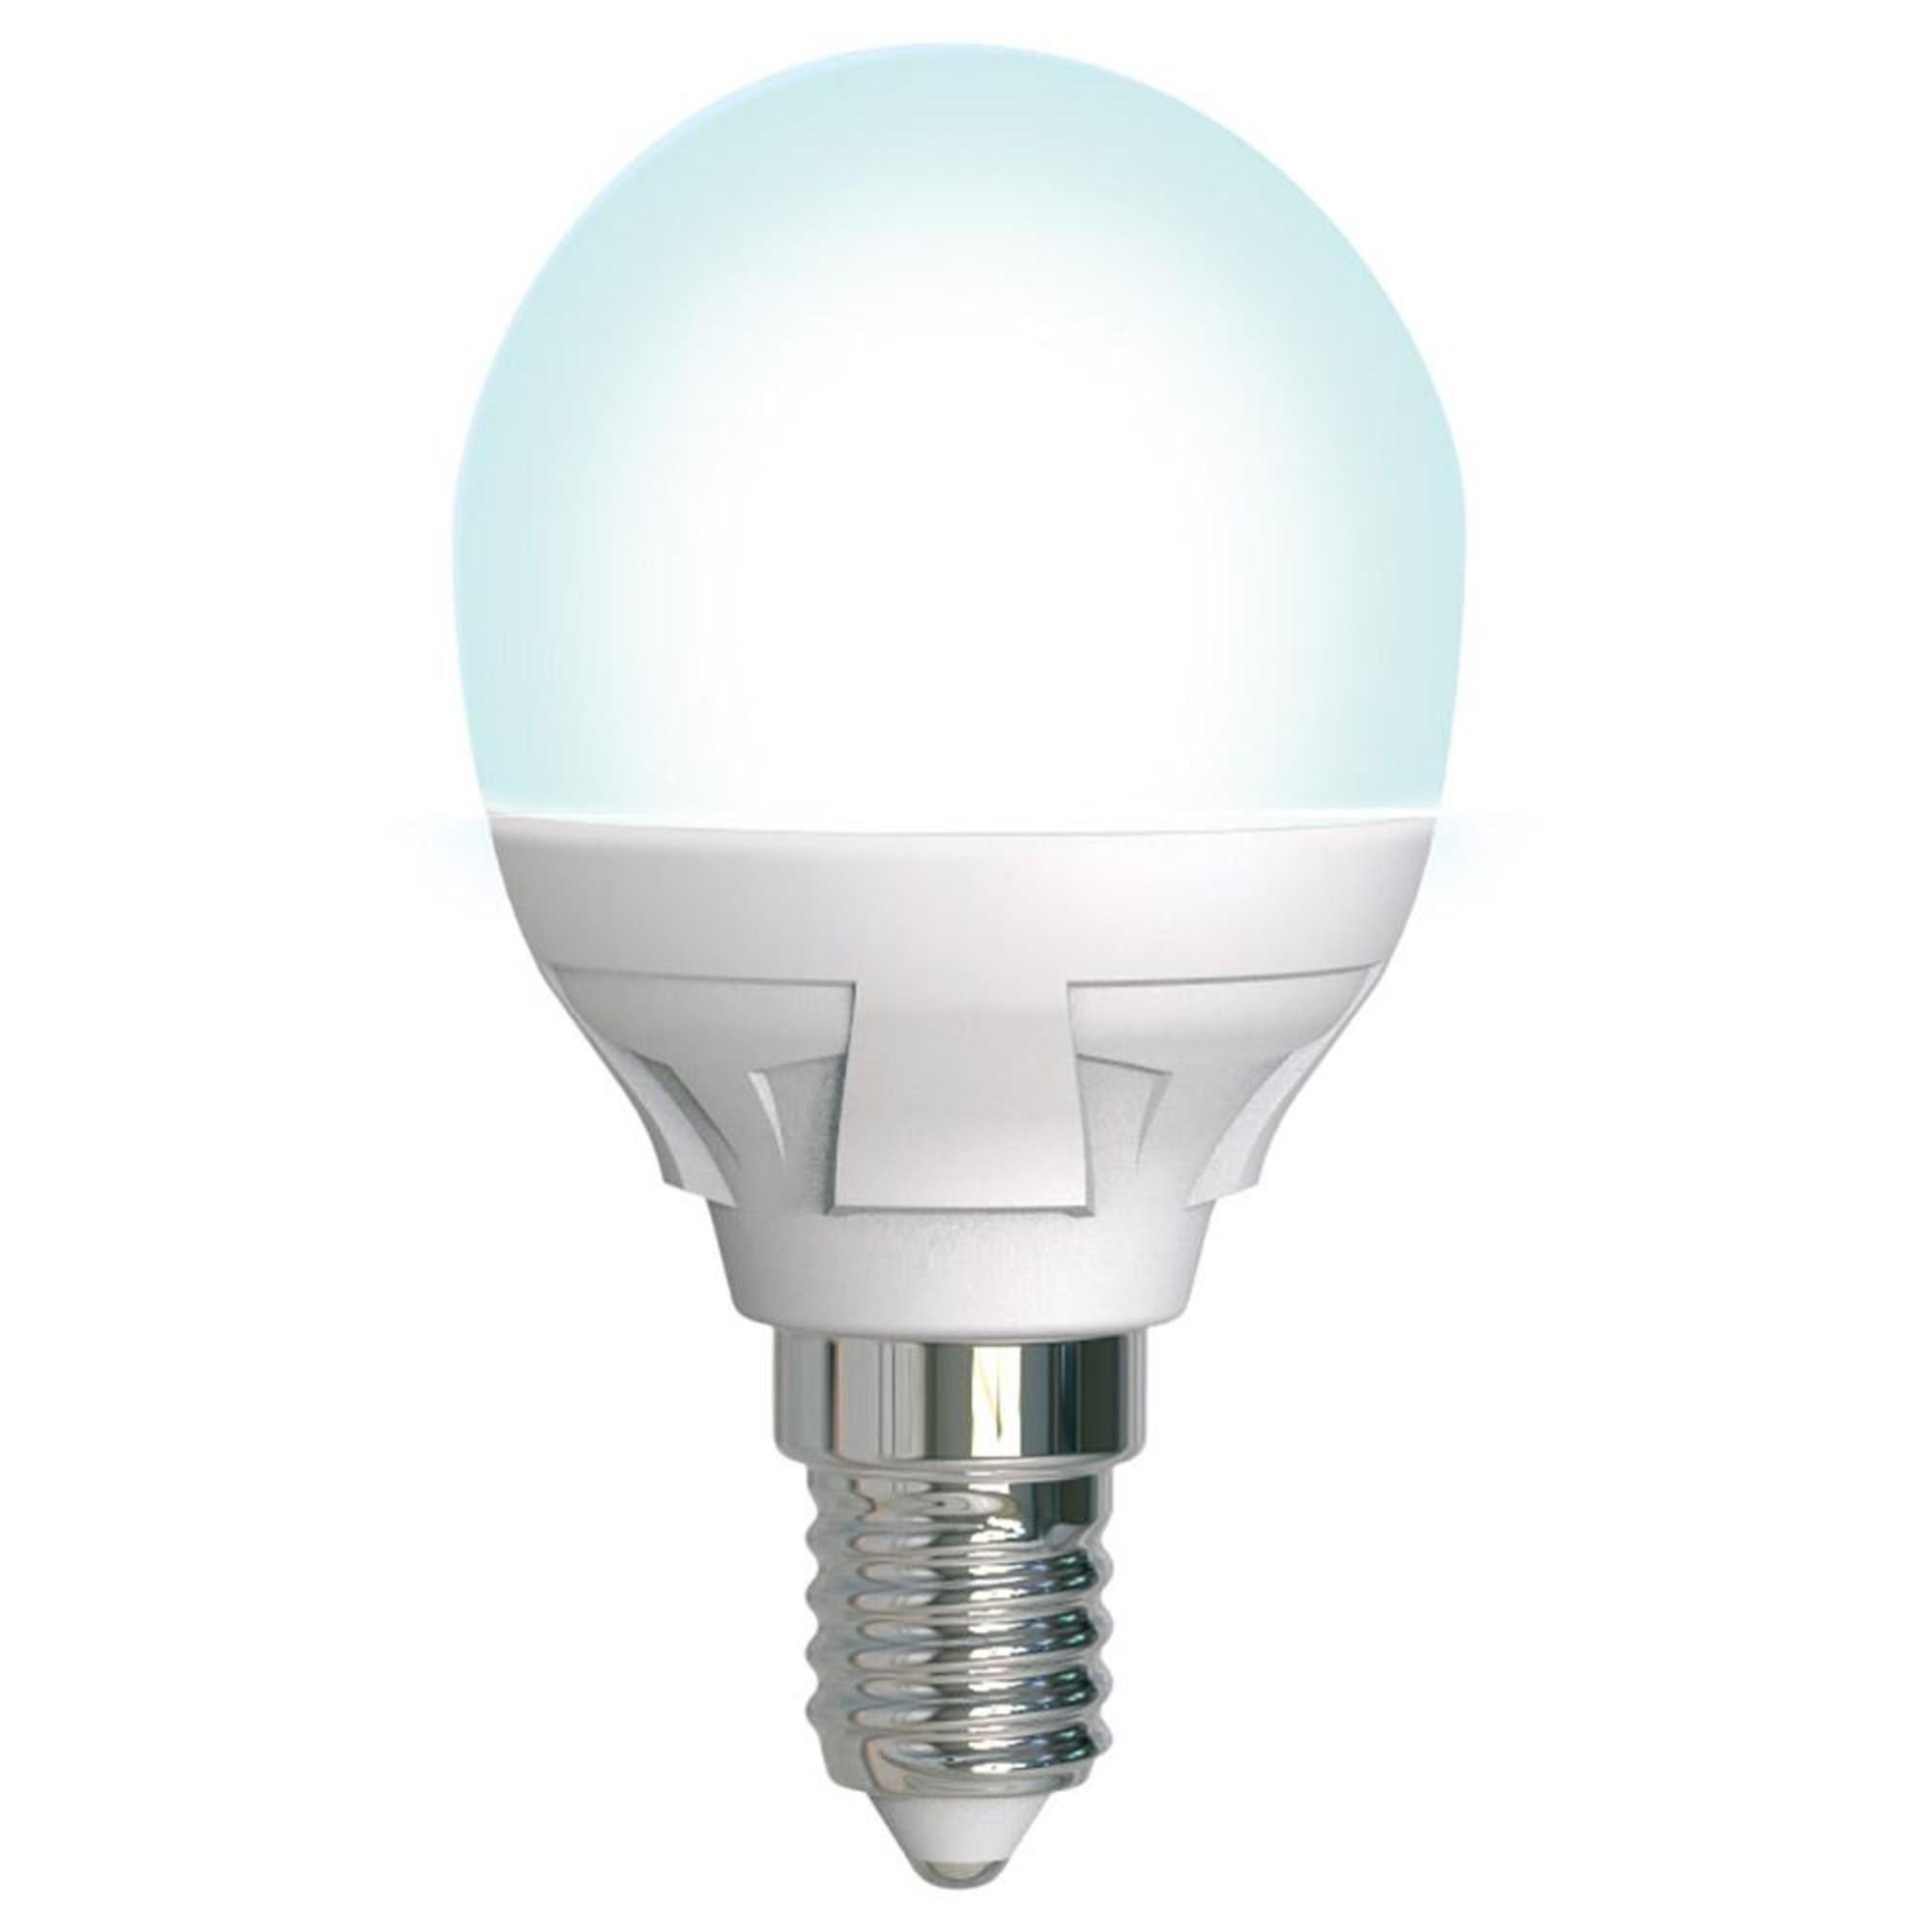 Лампа светодиодная Uniel Яркая Dimmable E14 шар 600 Лм 7 Вт нейтральный белый